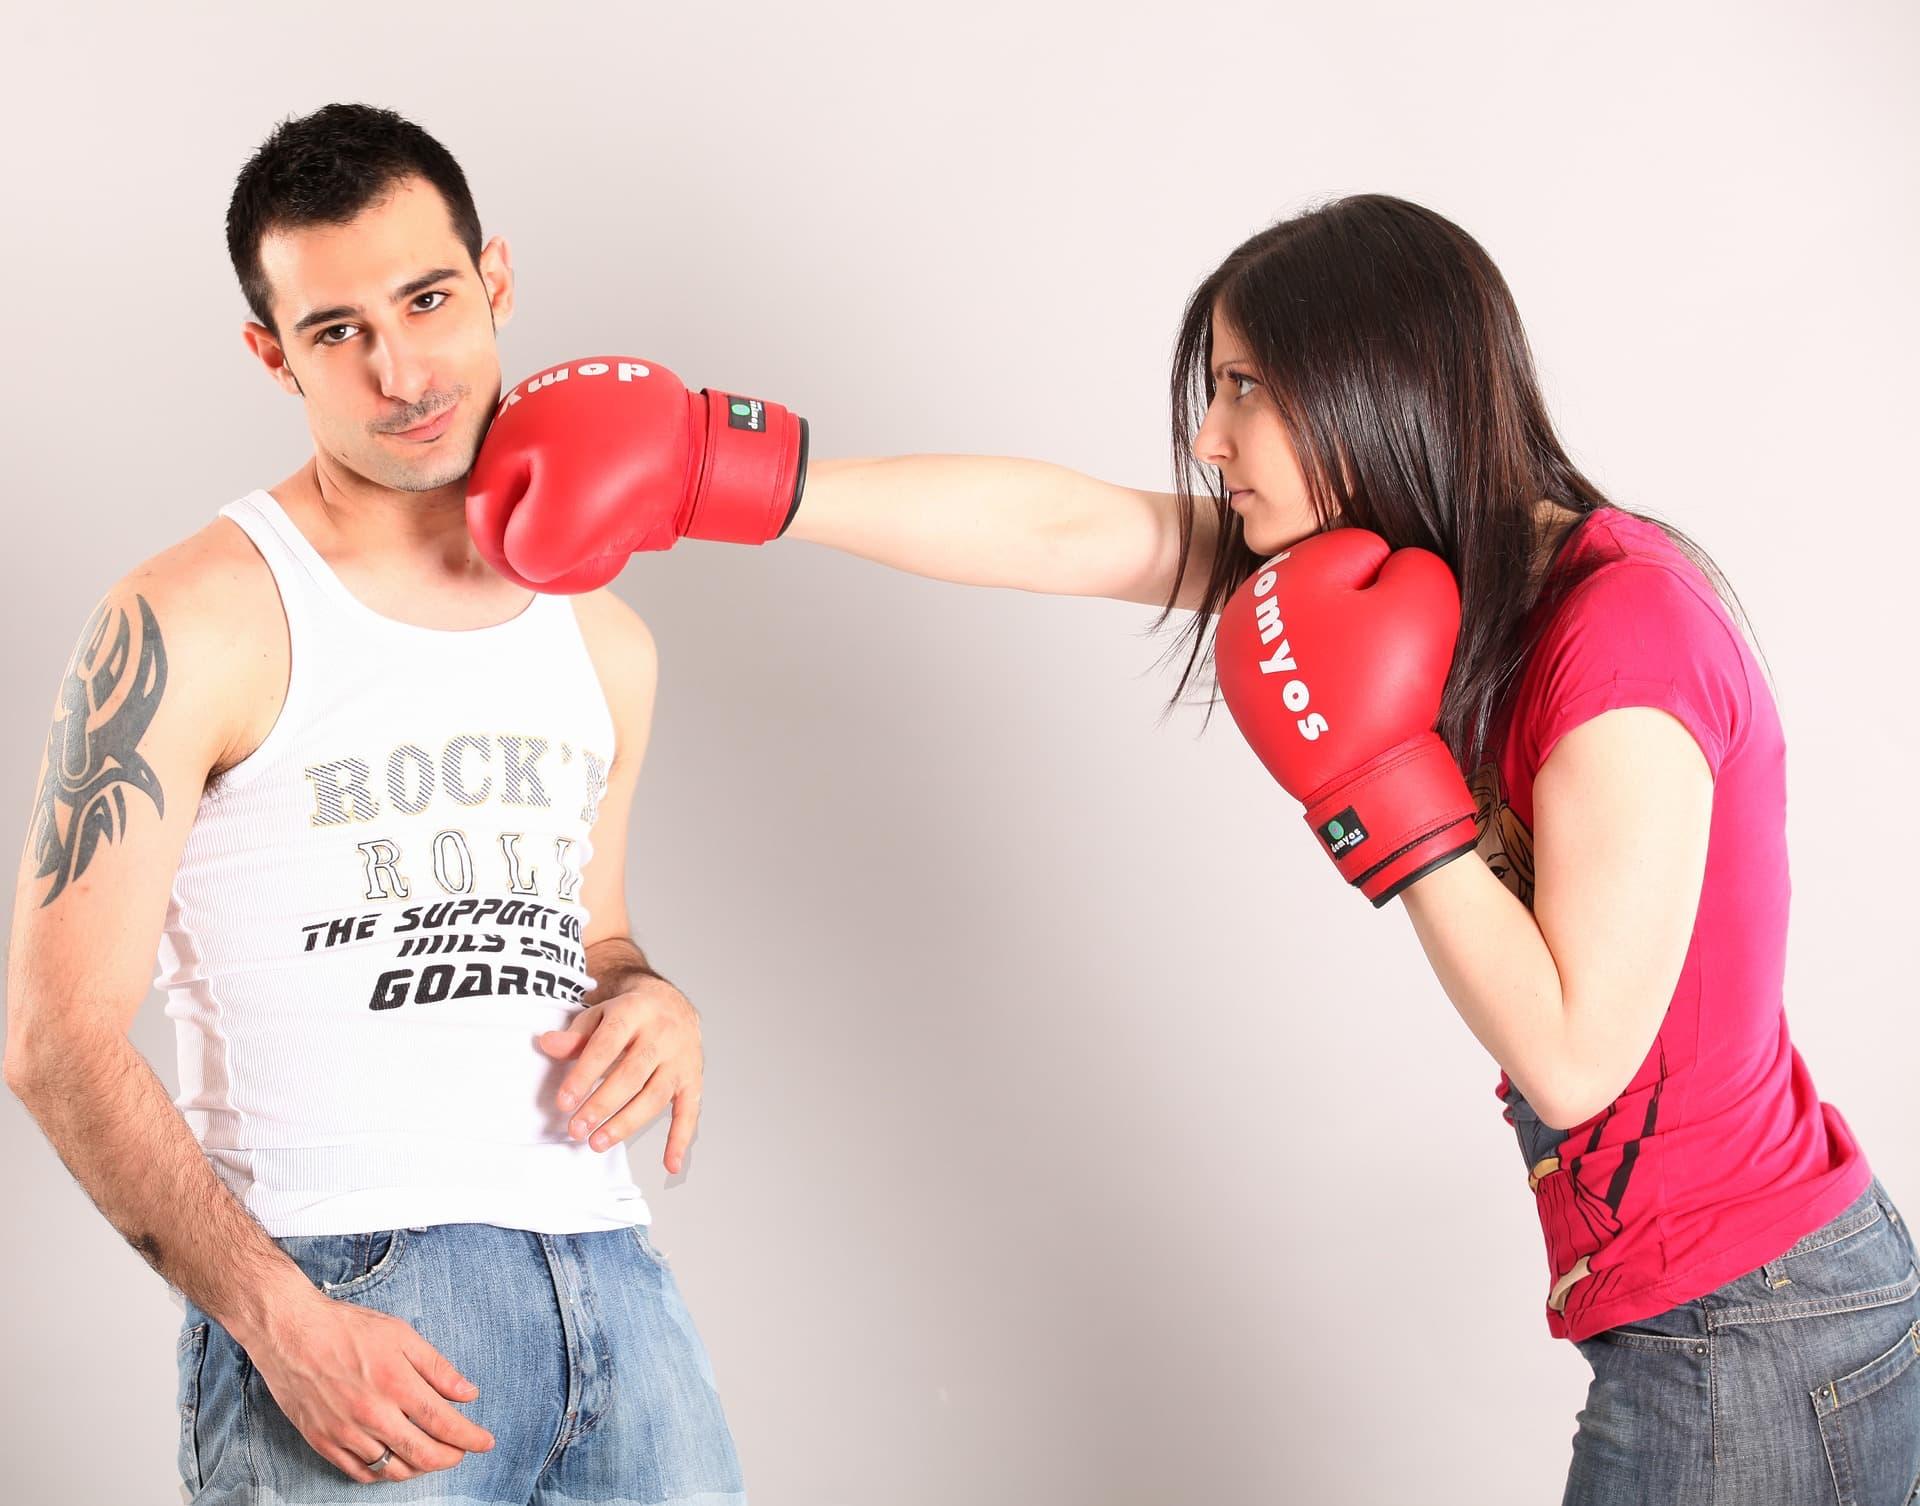 Признаки дисбаланса в отношениях между мужчиной и женщиной